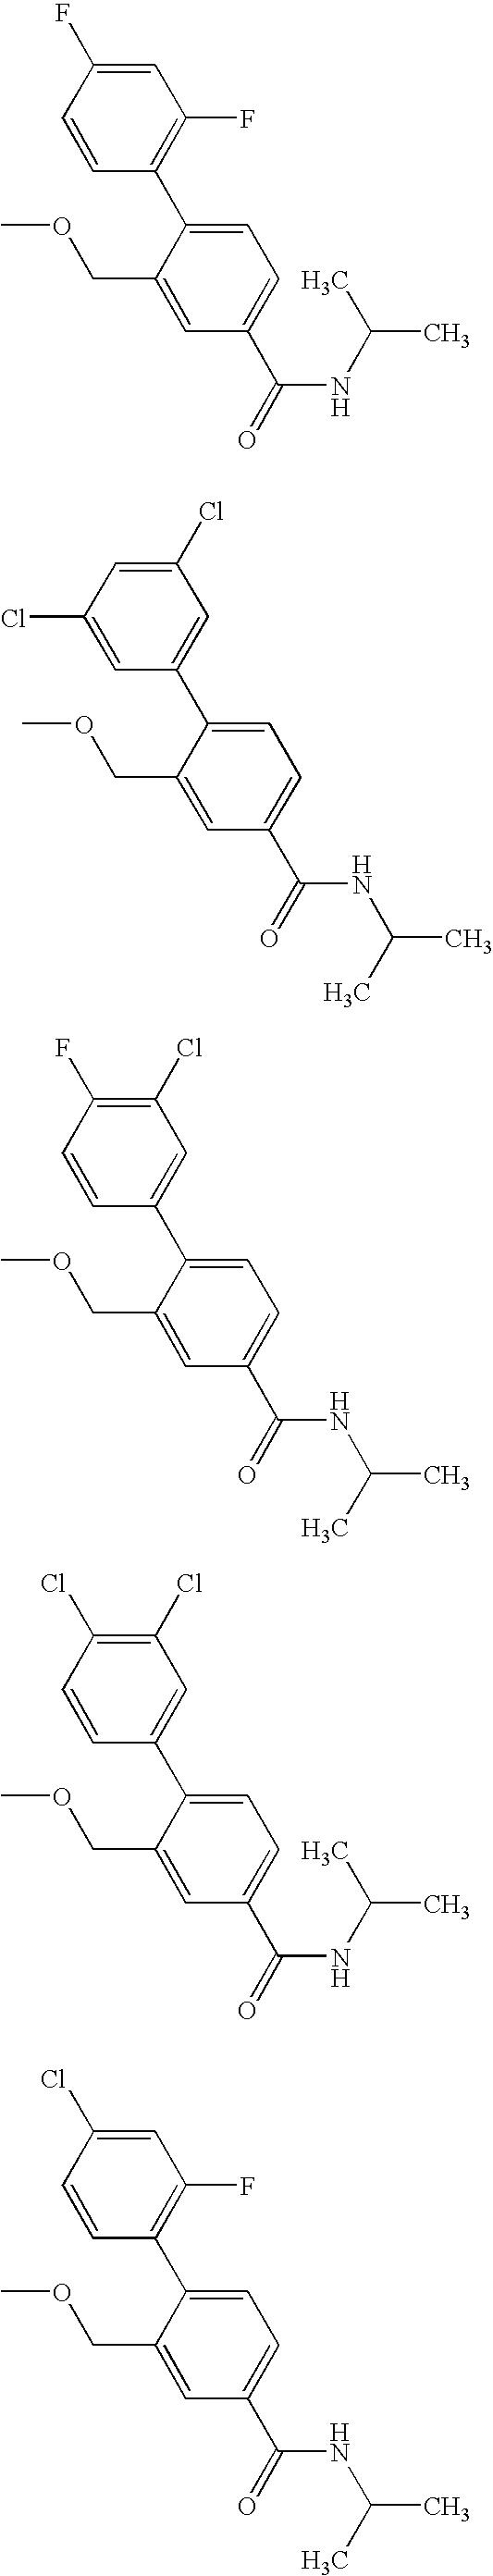 Figure US20070049593A1-20070301-C00255